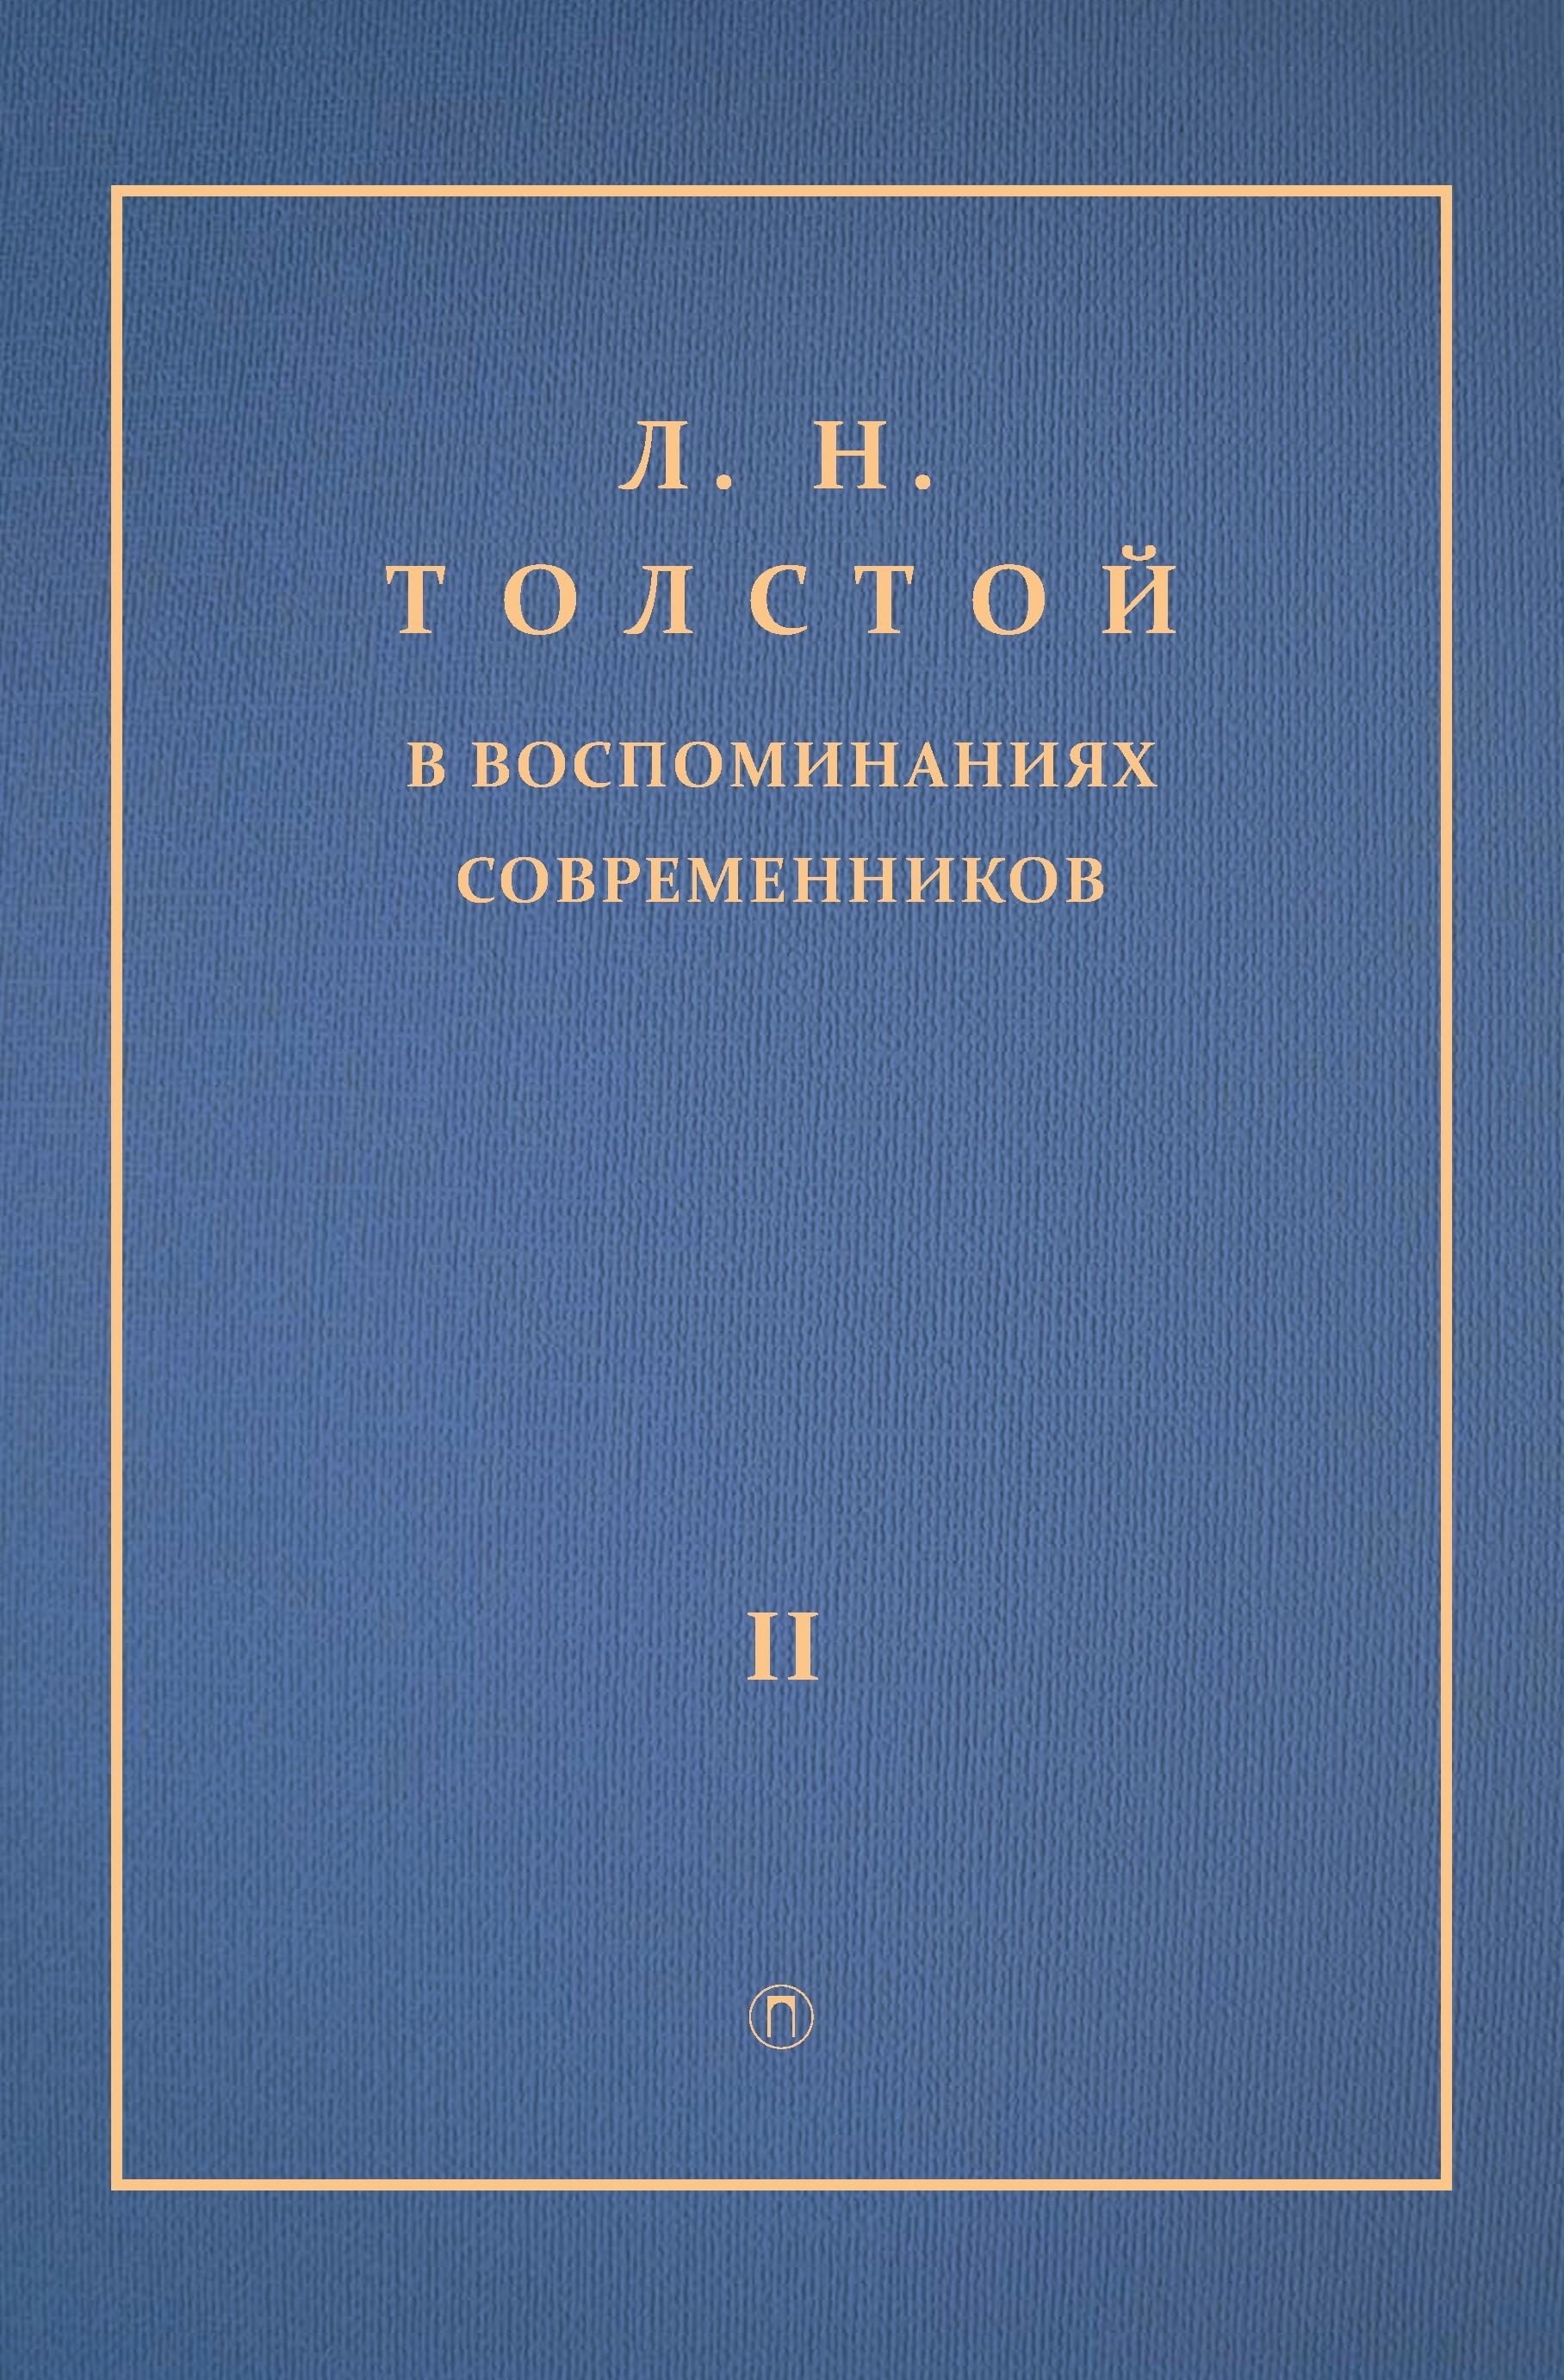 Сборник Л. Н. Толстой в воспоминаниях современников. Том 2 л н иокар музей а м горького